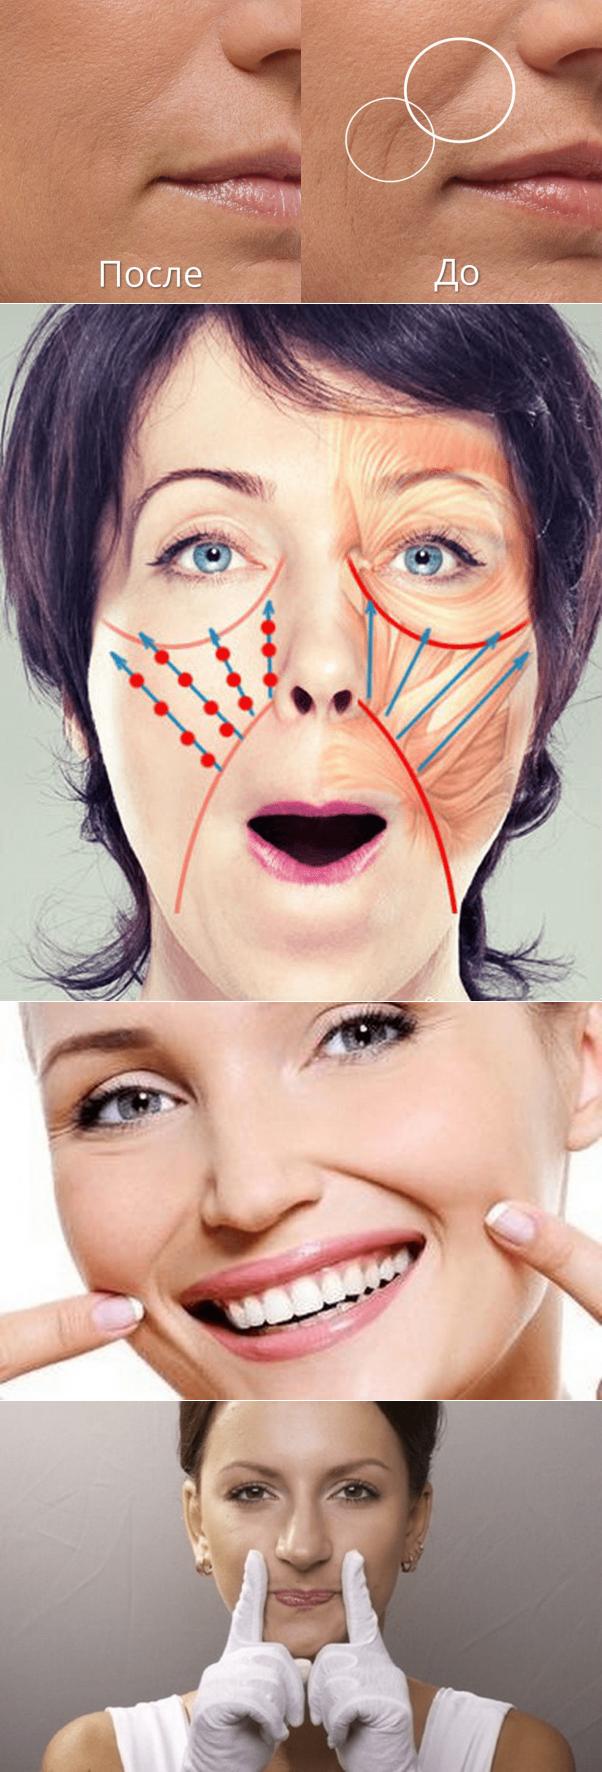 Убираем носогубные морщины: омолаживающие техники